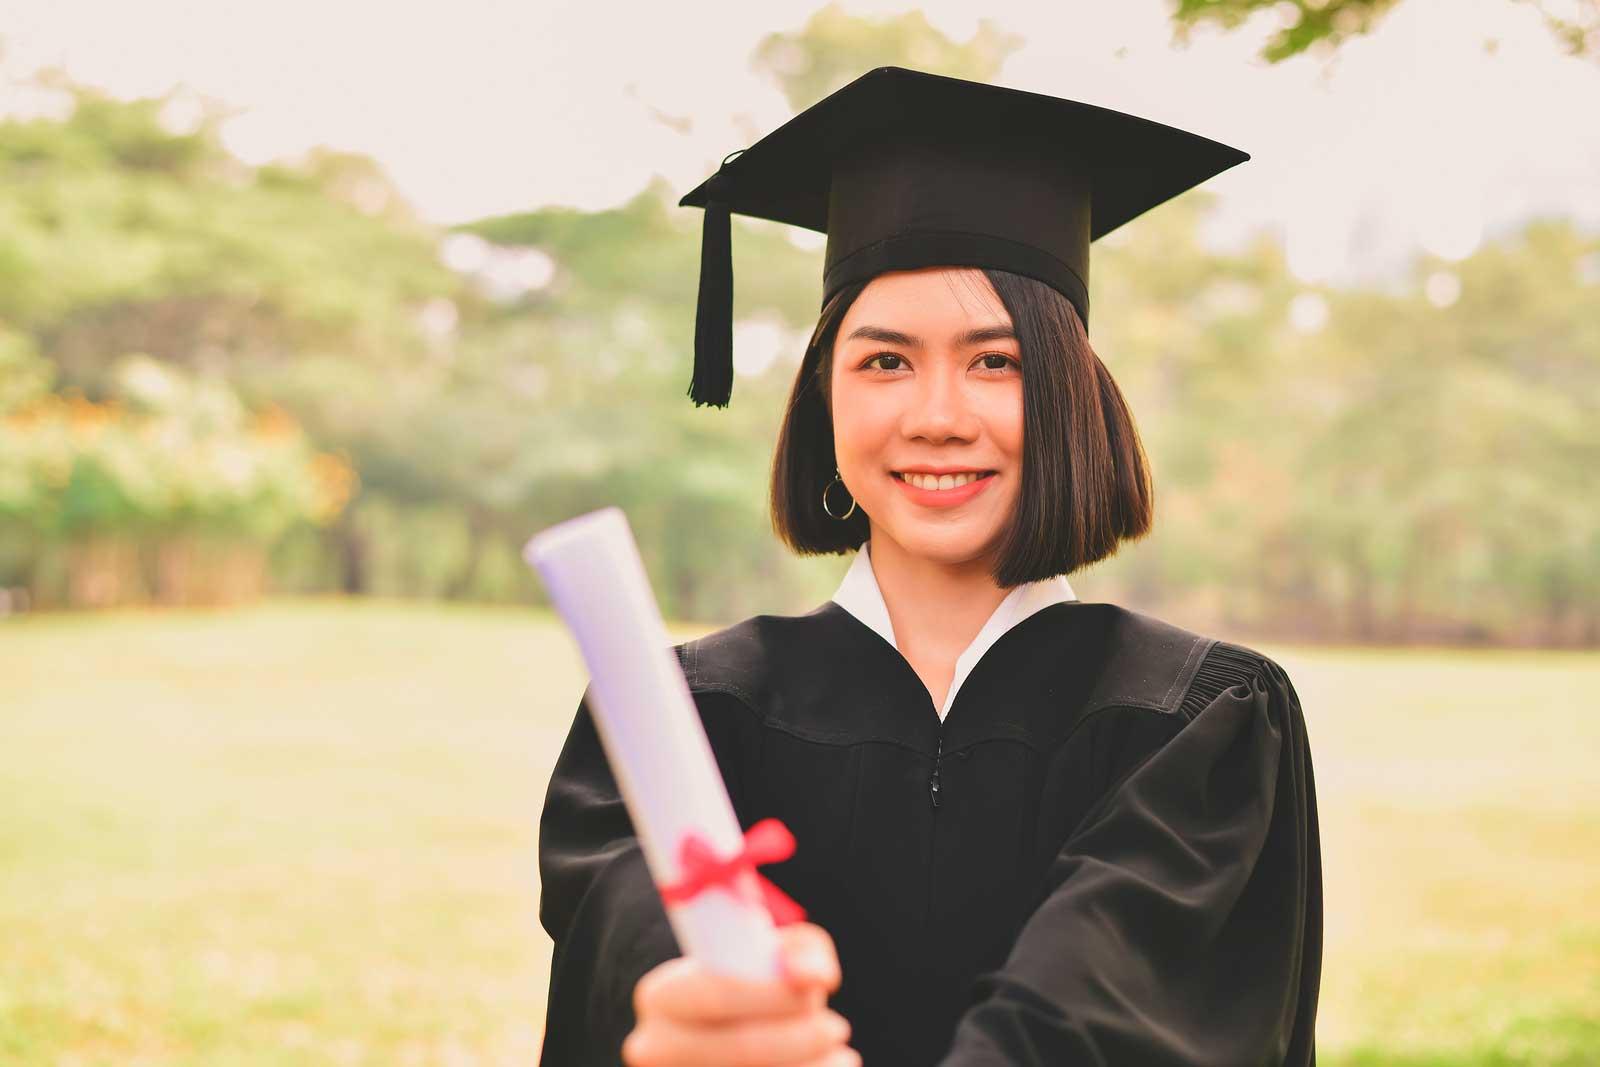 segunda-graduacao-desconto